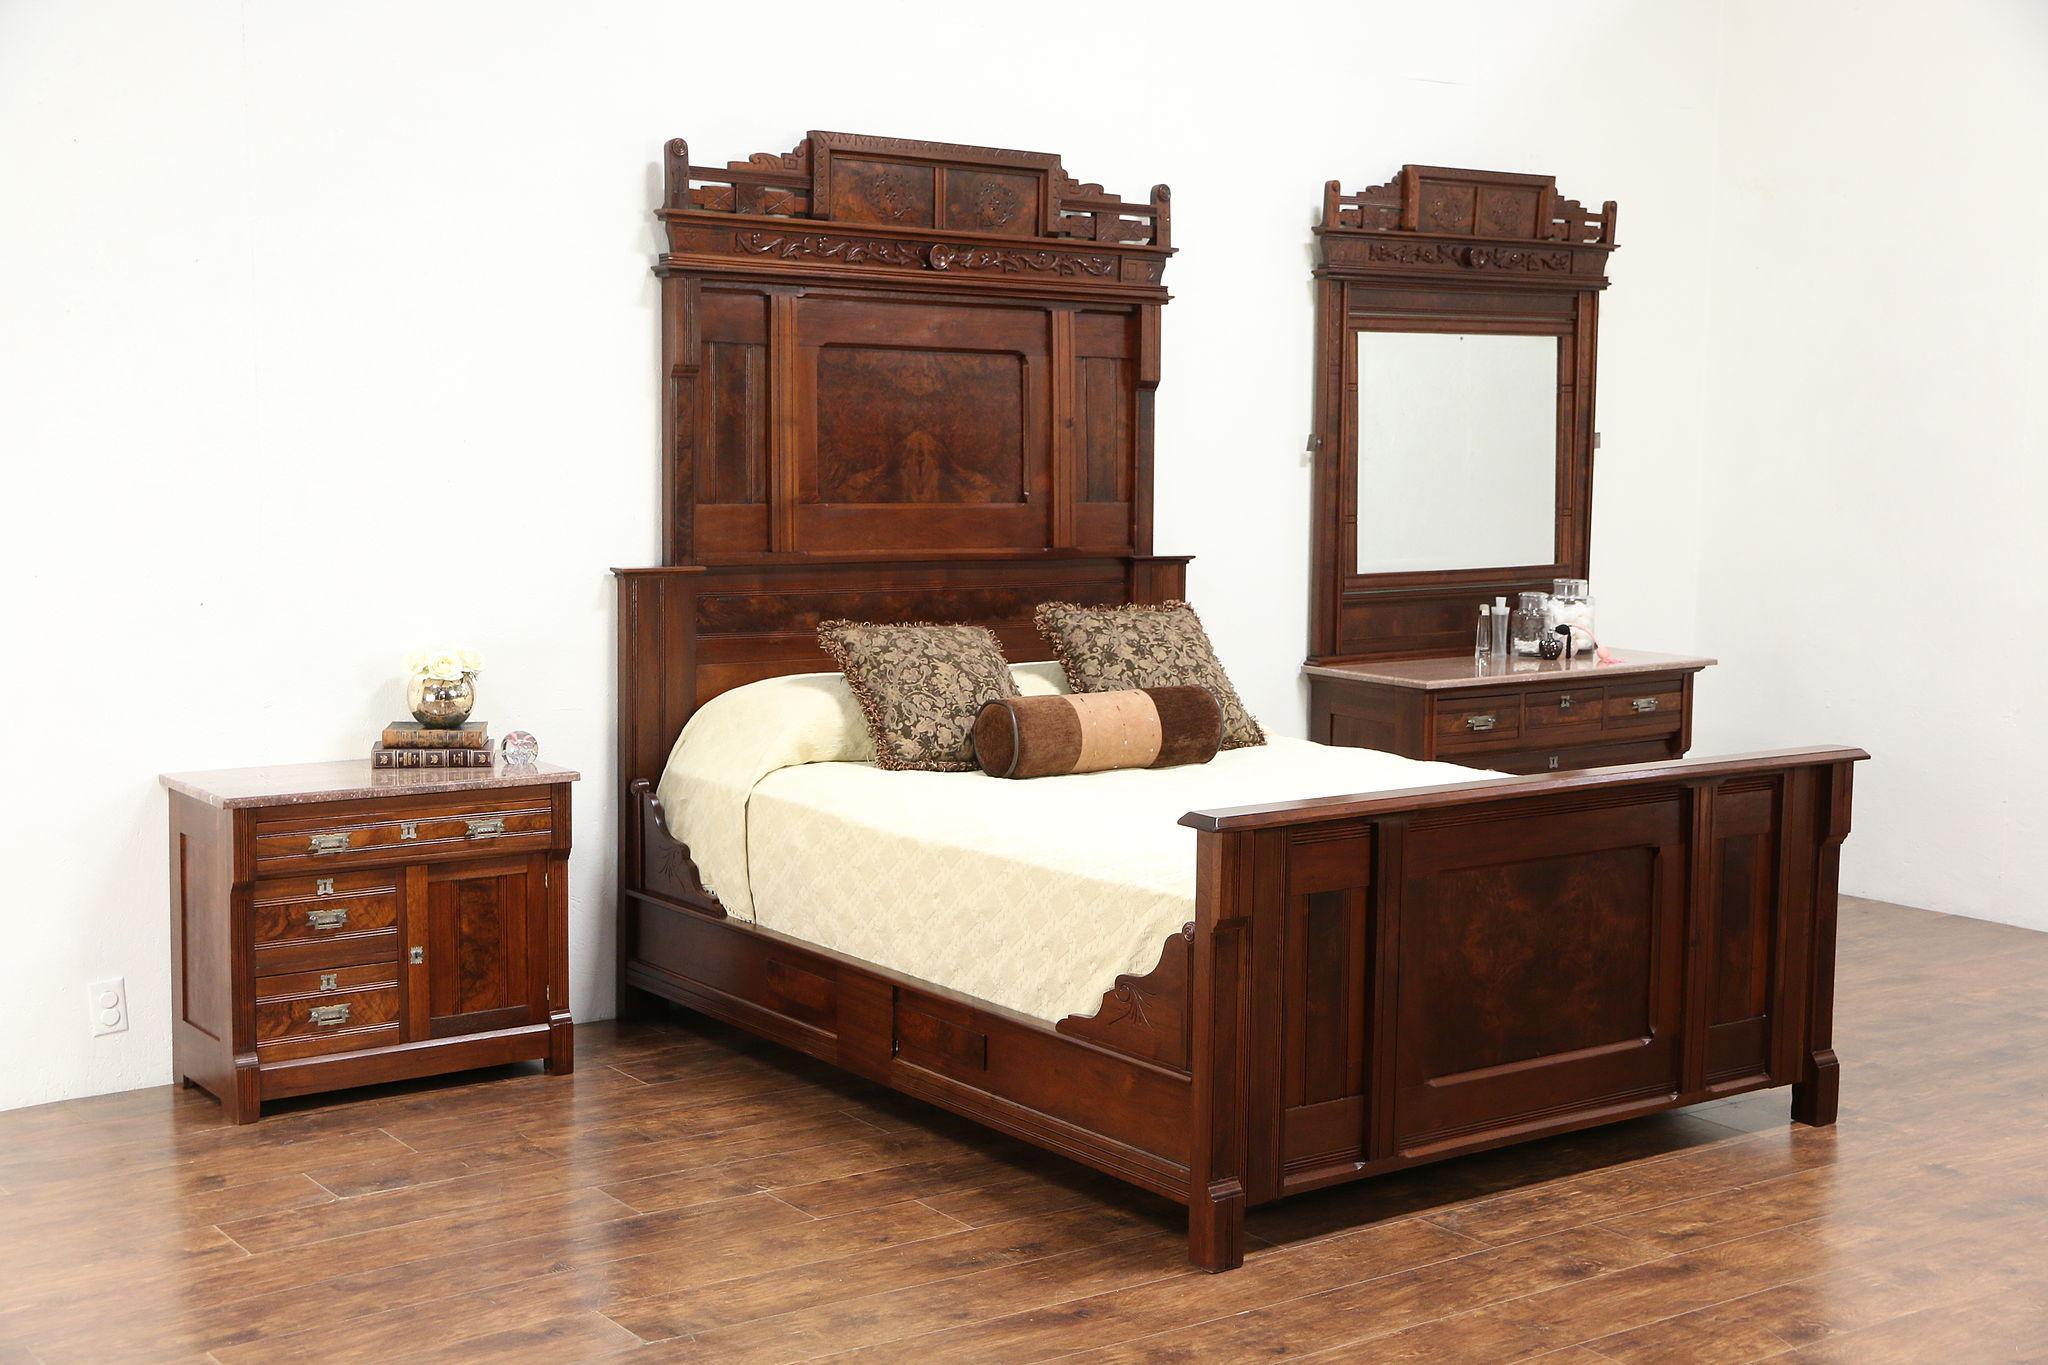 Sold Victorian Eastlake Antique 3 Pc Queen Size Walnut Bedroom